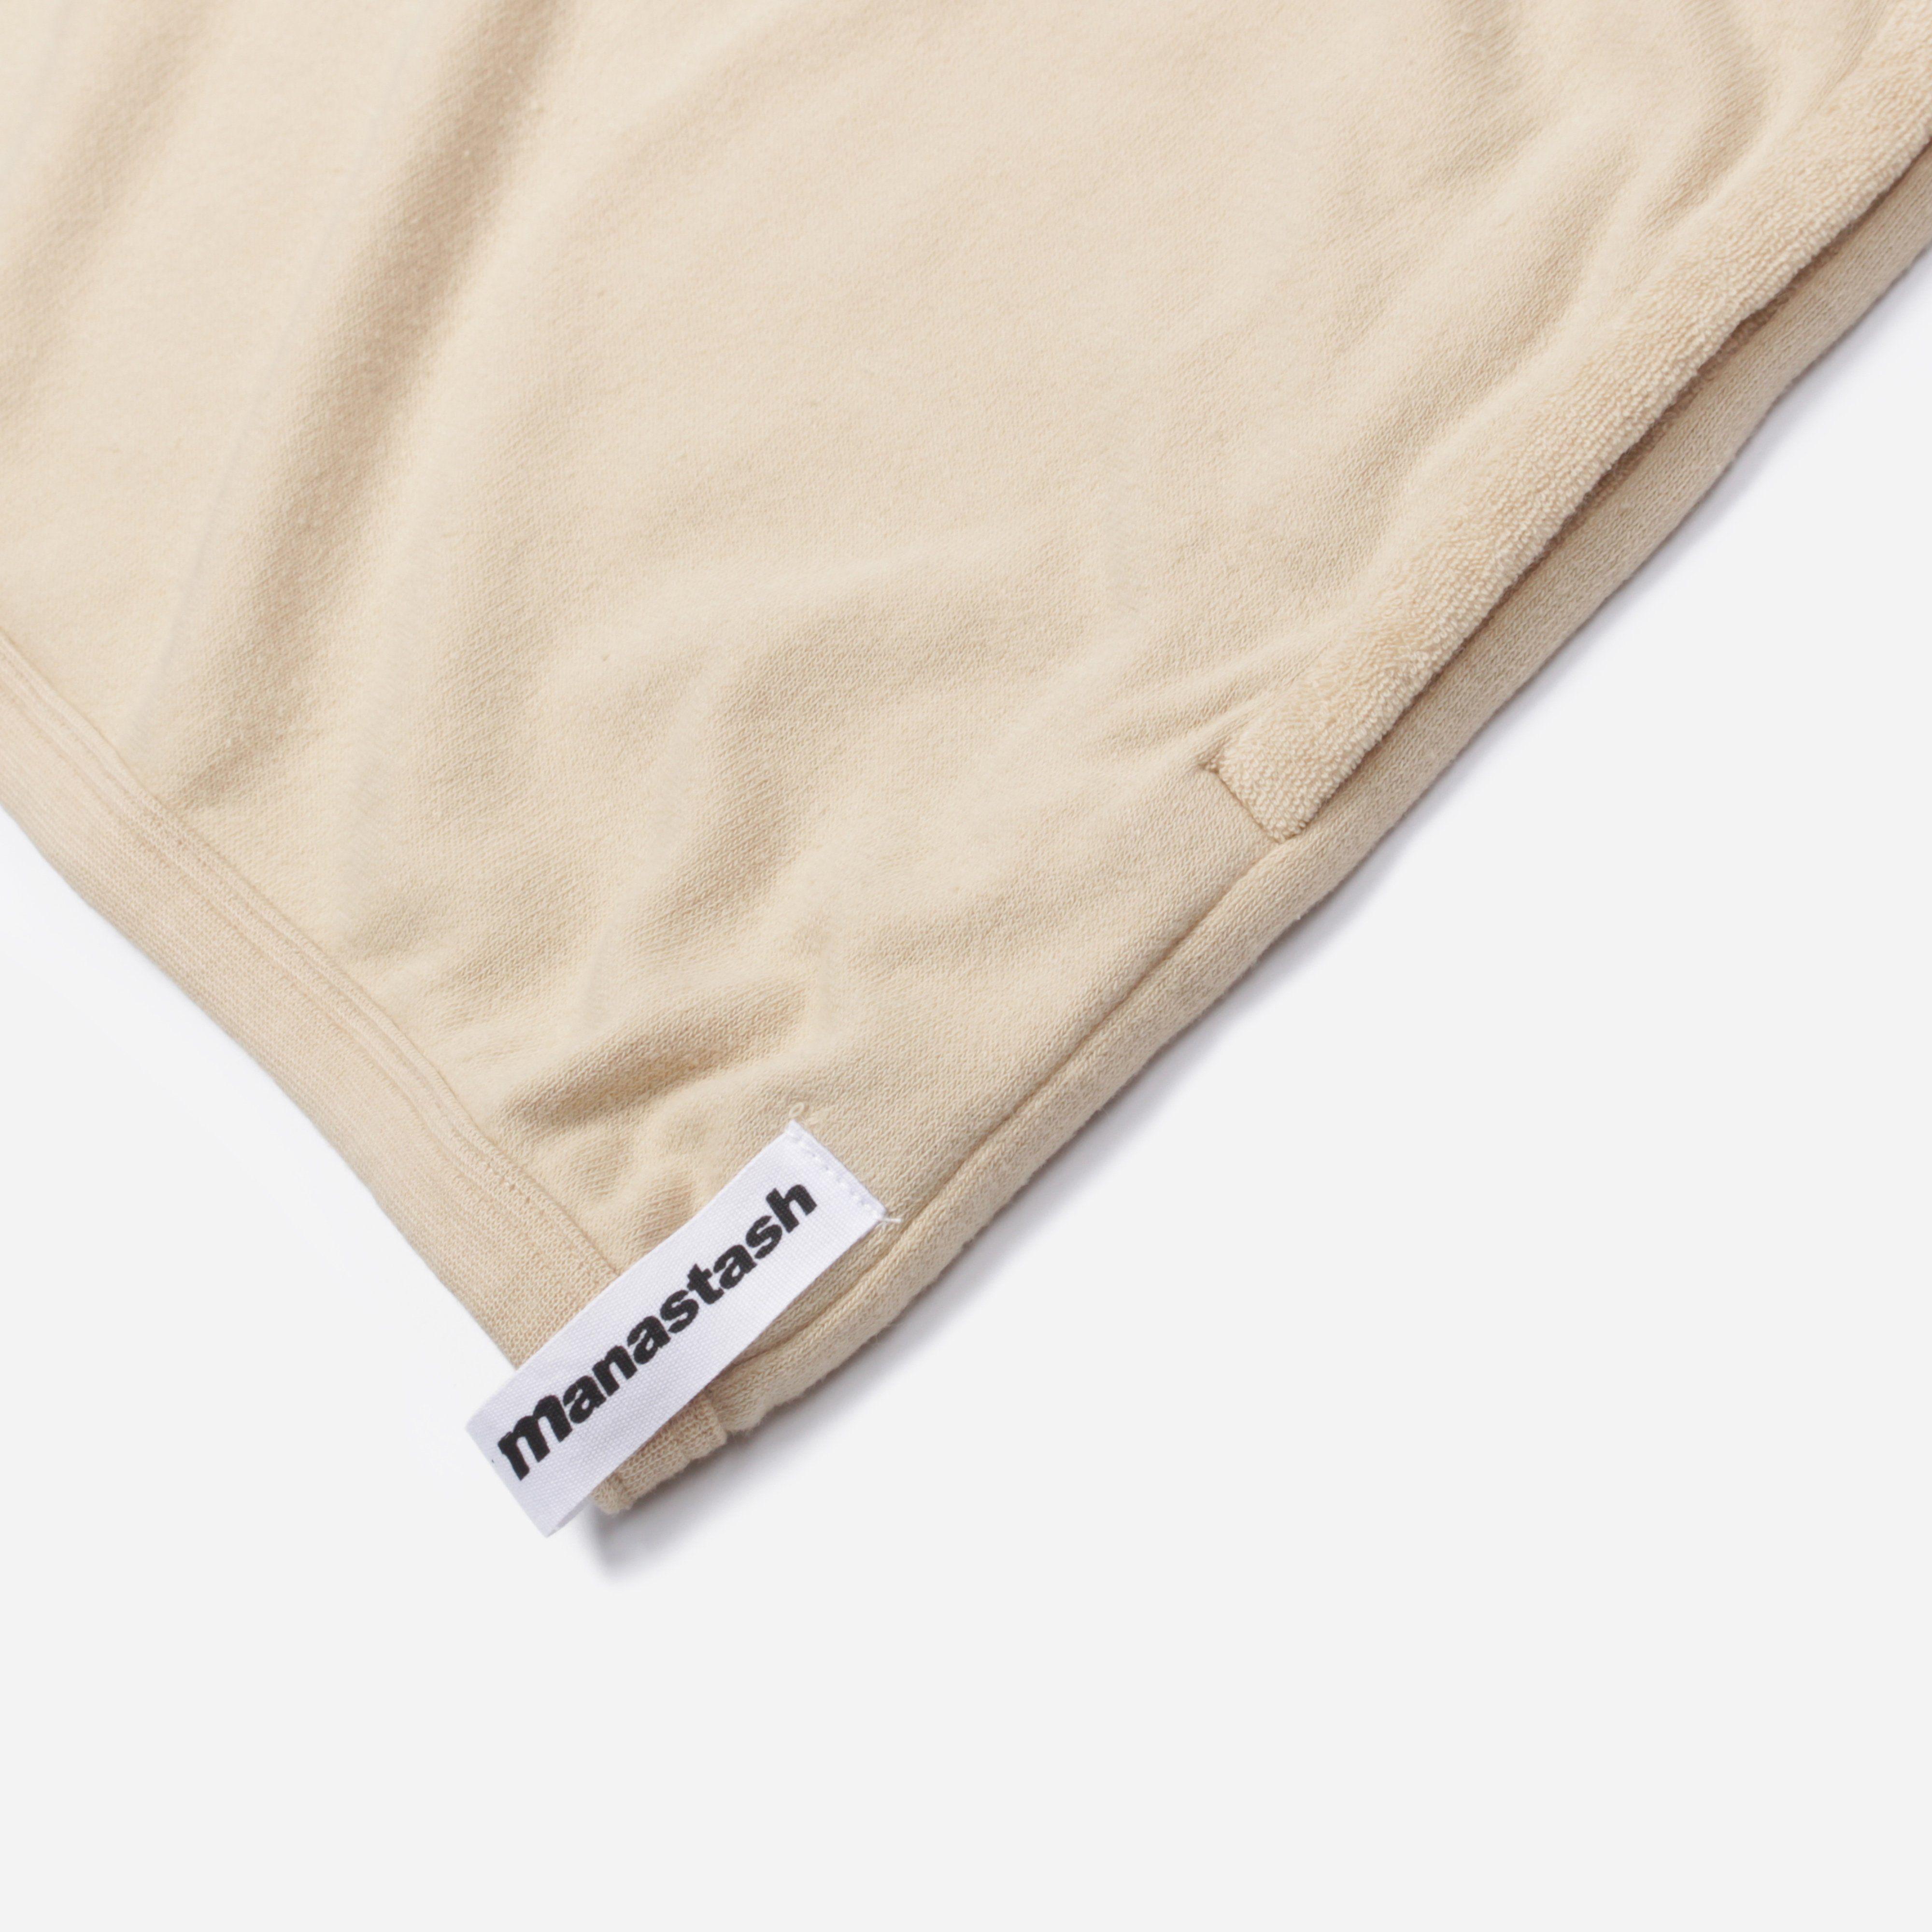 Manastash Snug Pile Sweatshirt